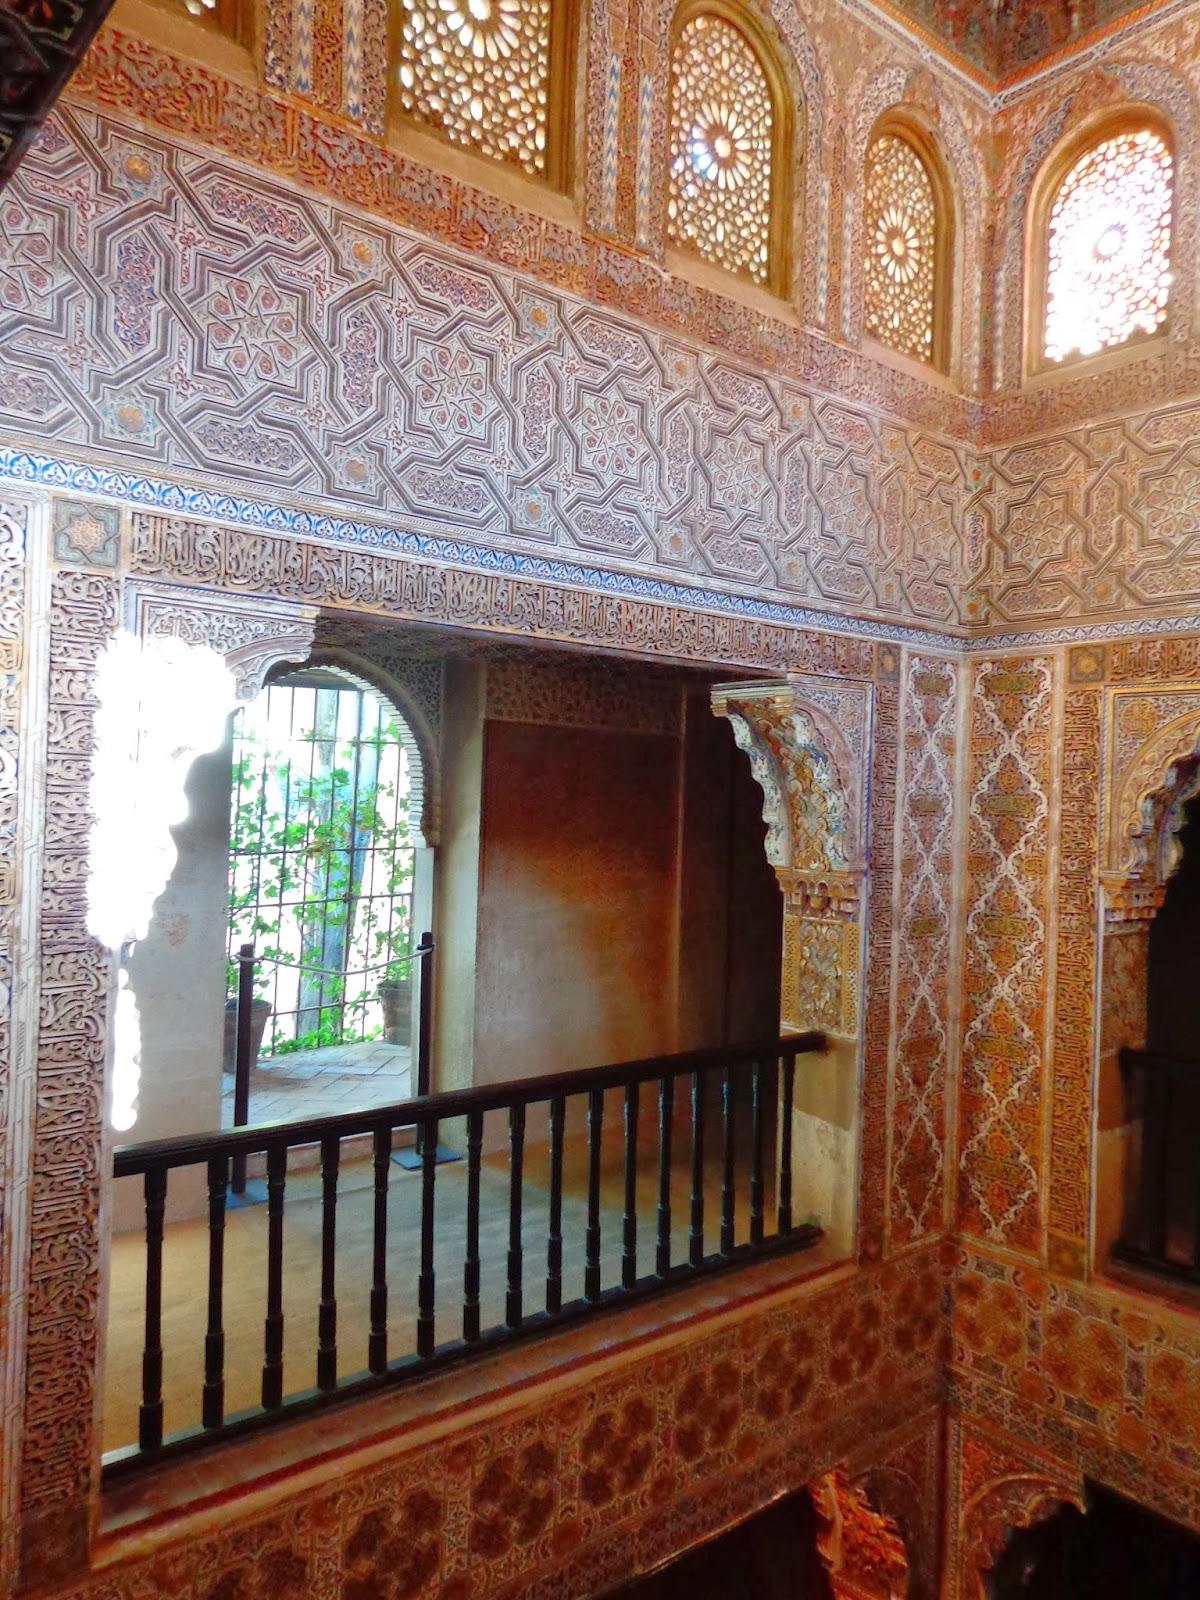 Espacio del mes ba o real de la alhambra o dar al mulk - Banos arabes palacio de comares ...